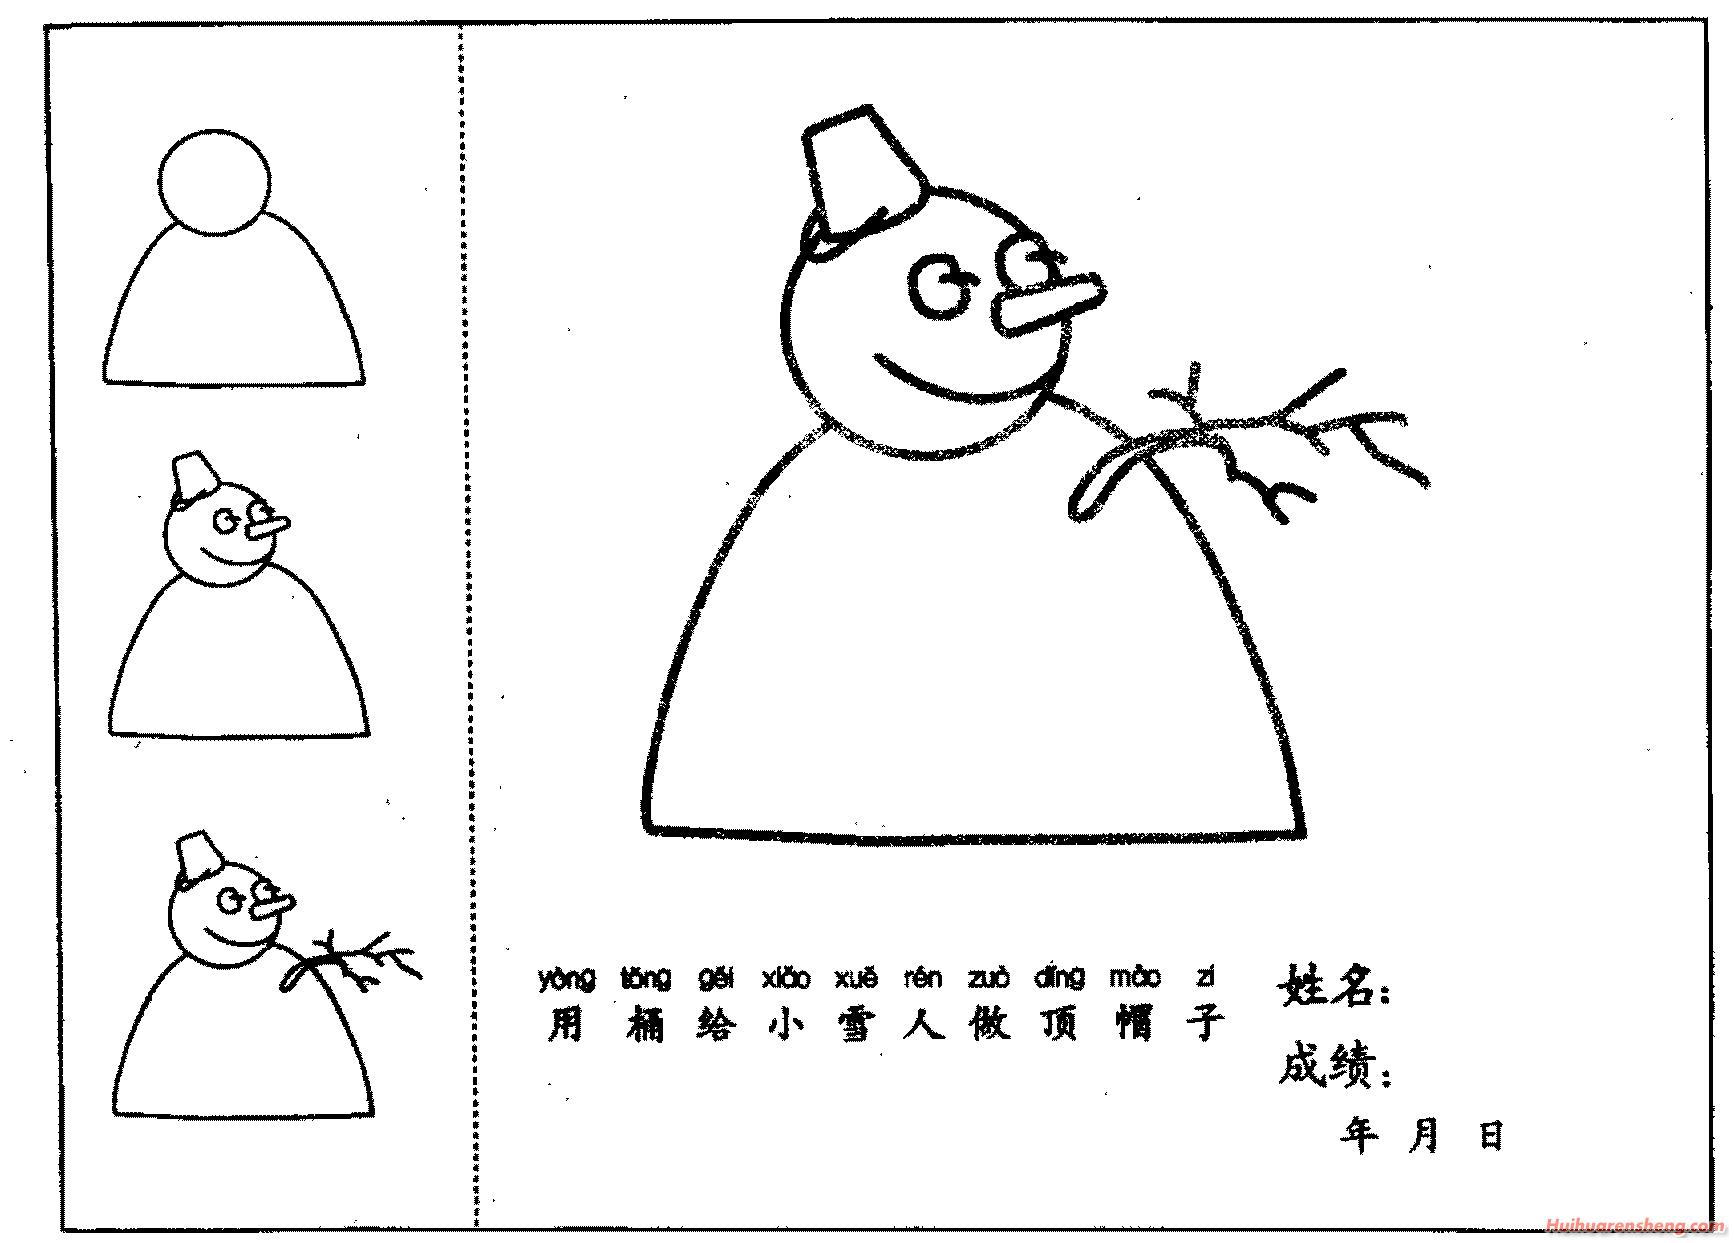 表情 小雪人简笔画法分步骤示范 人物简笔画 绘画人生 表情